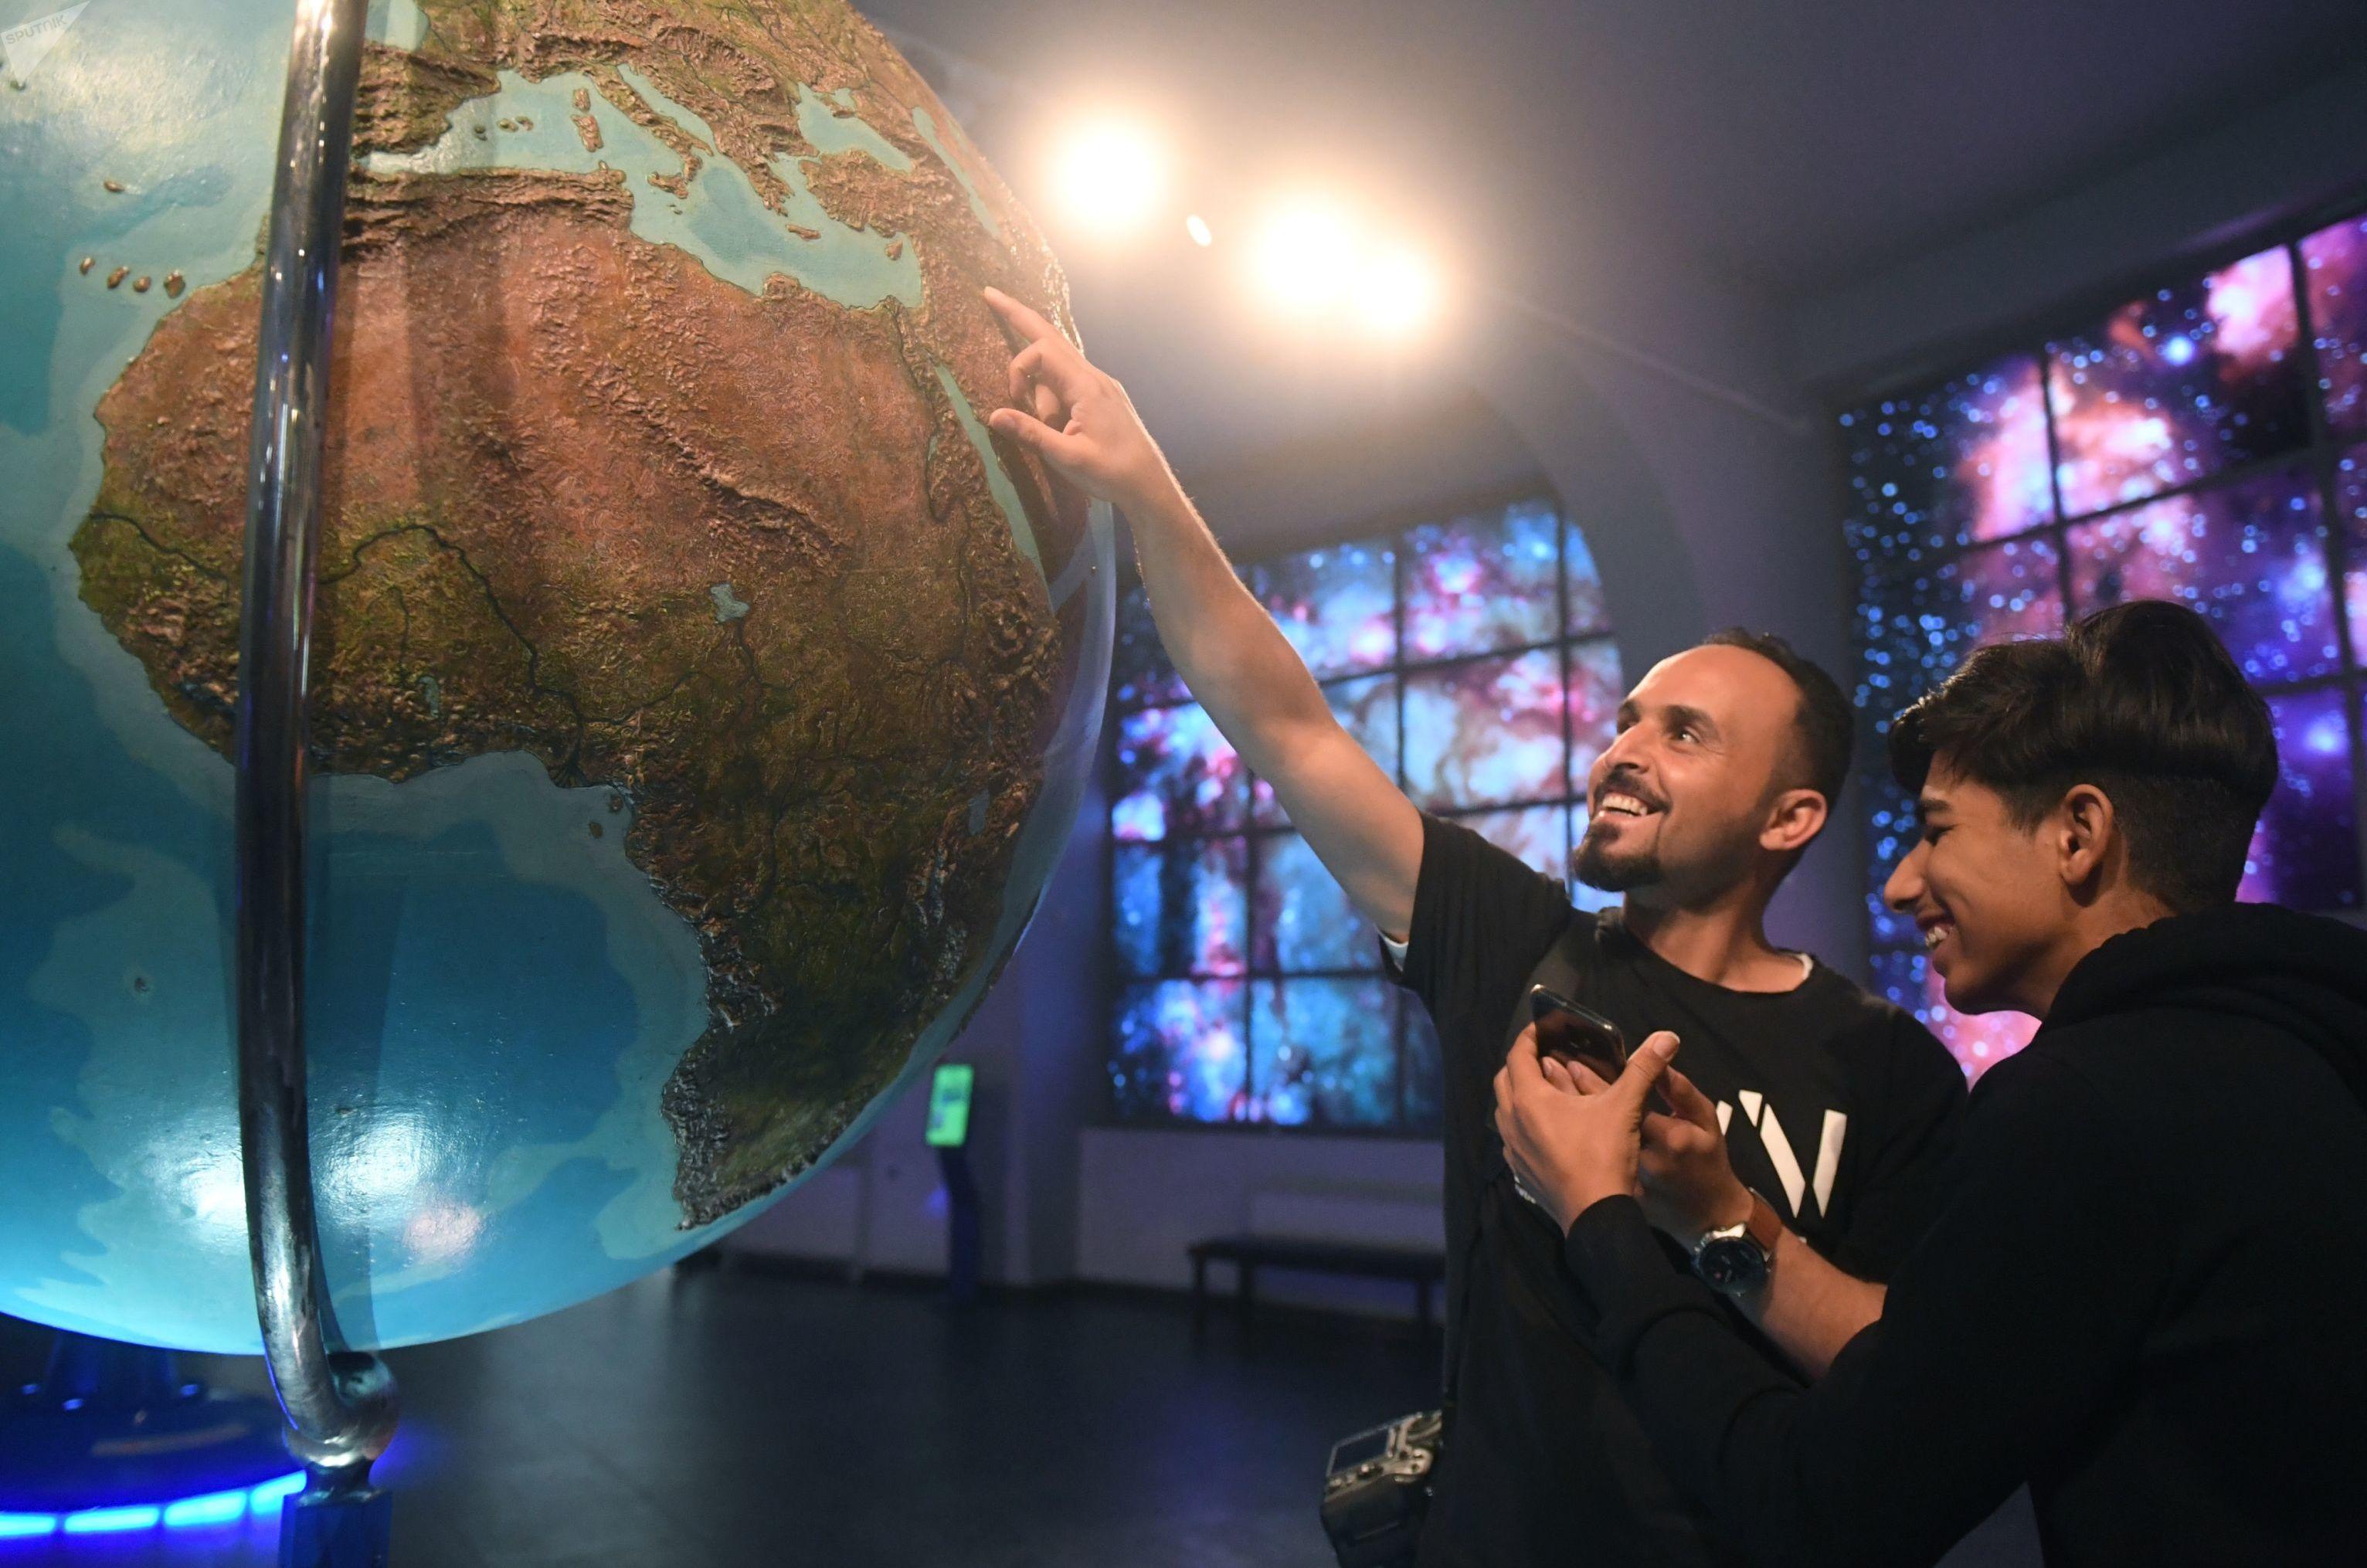 العراقي قاسم الكاظمي في متحف بلانيتاريوم في موسكو